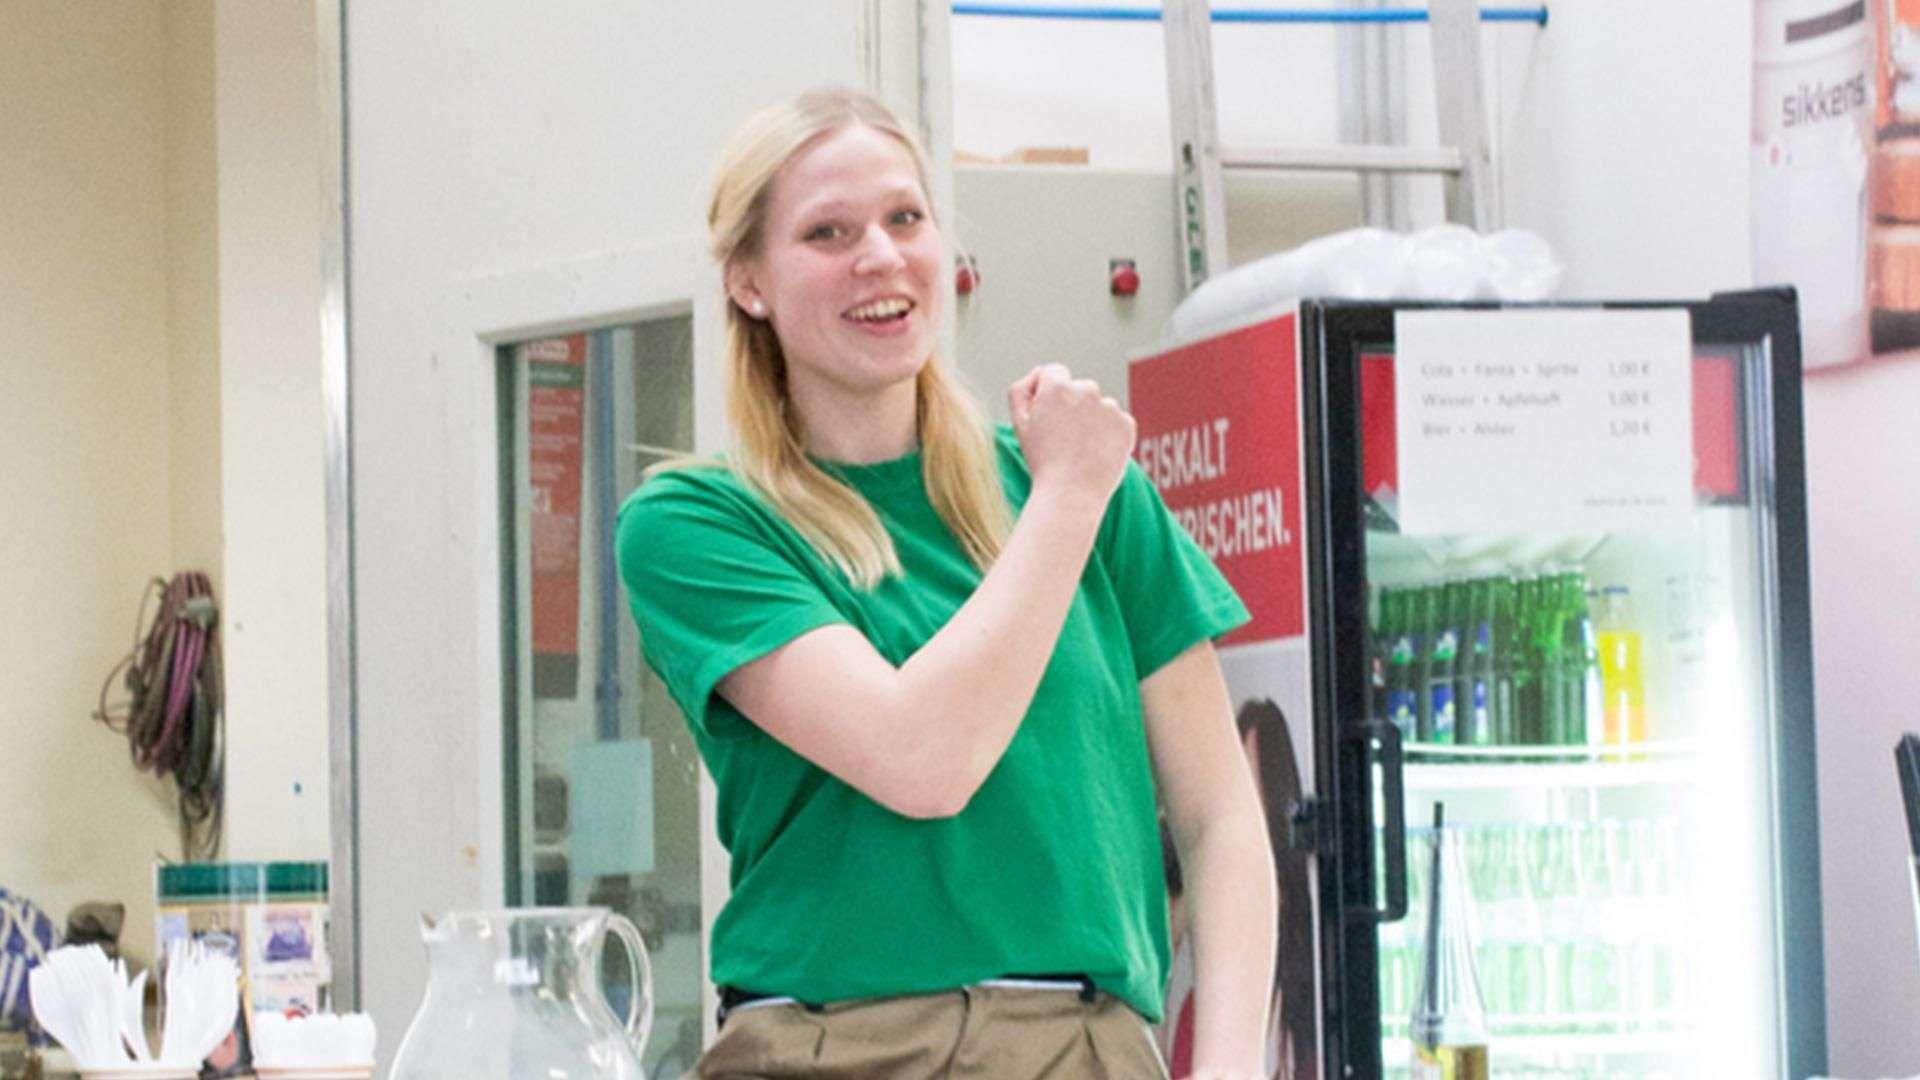 Frau in der Ausstellung der Tischlerei Gleue in Lindwedel freut sich